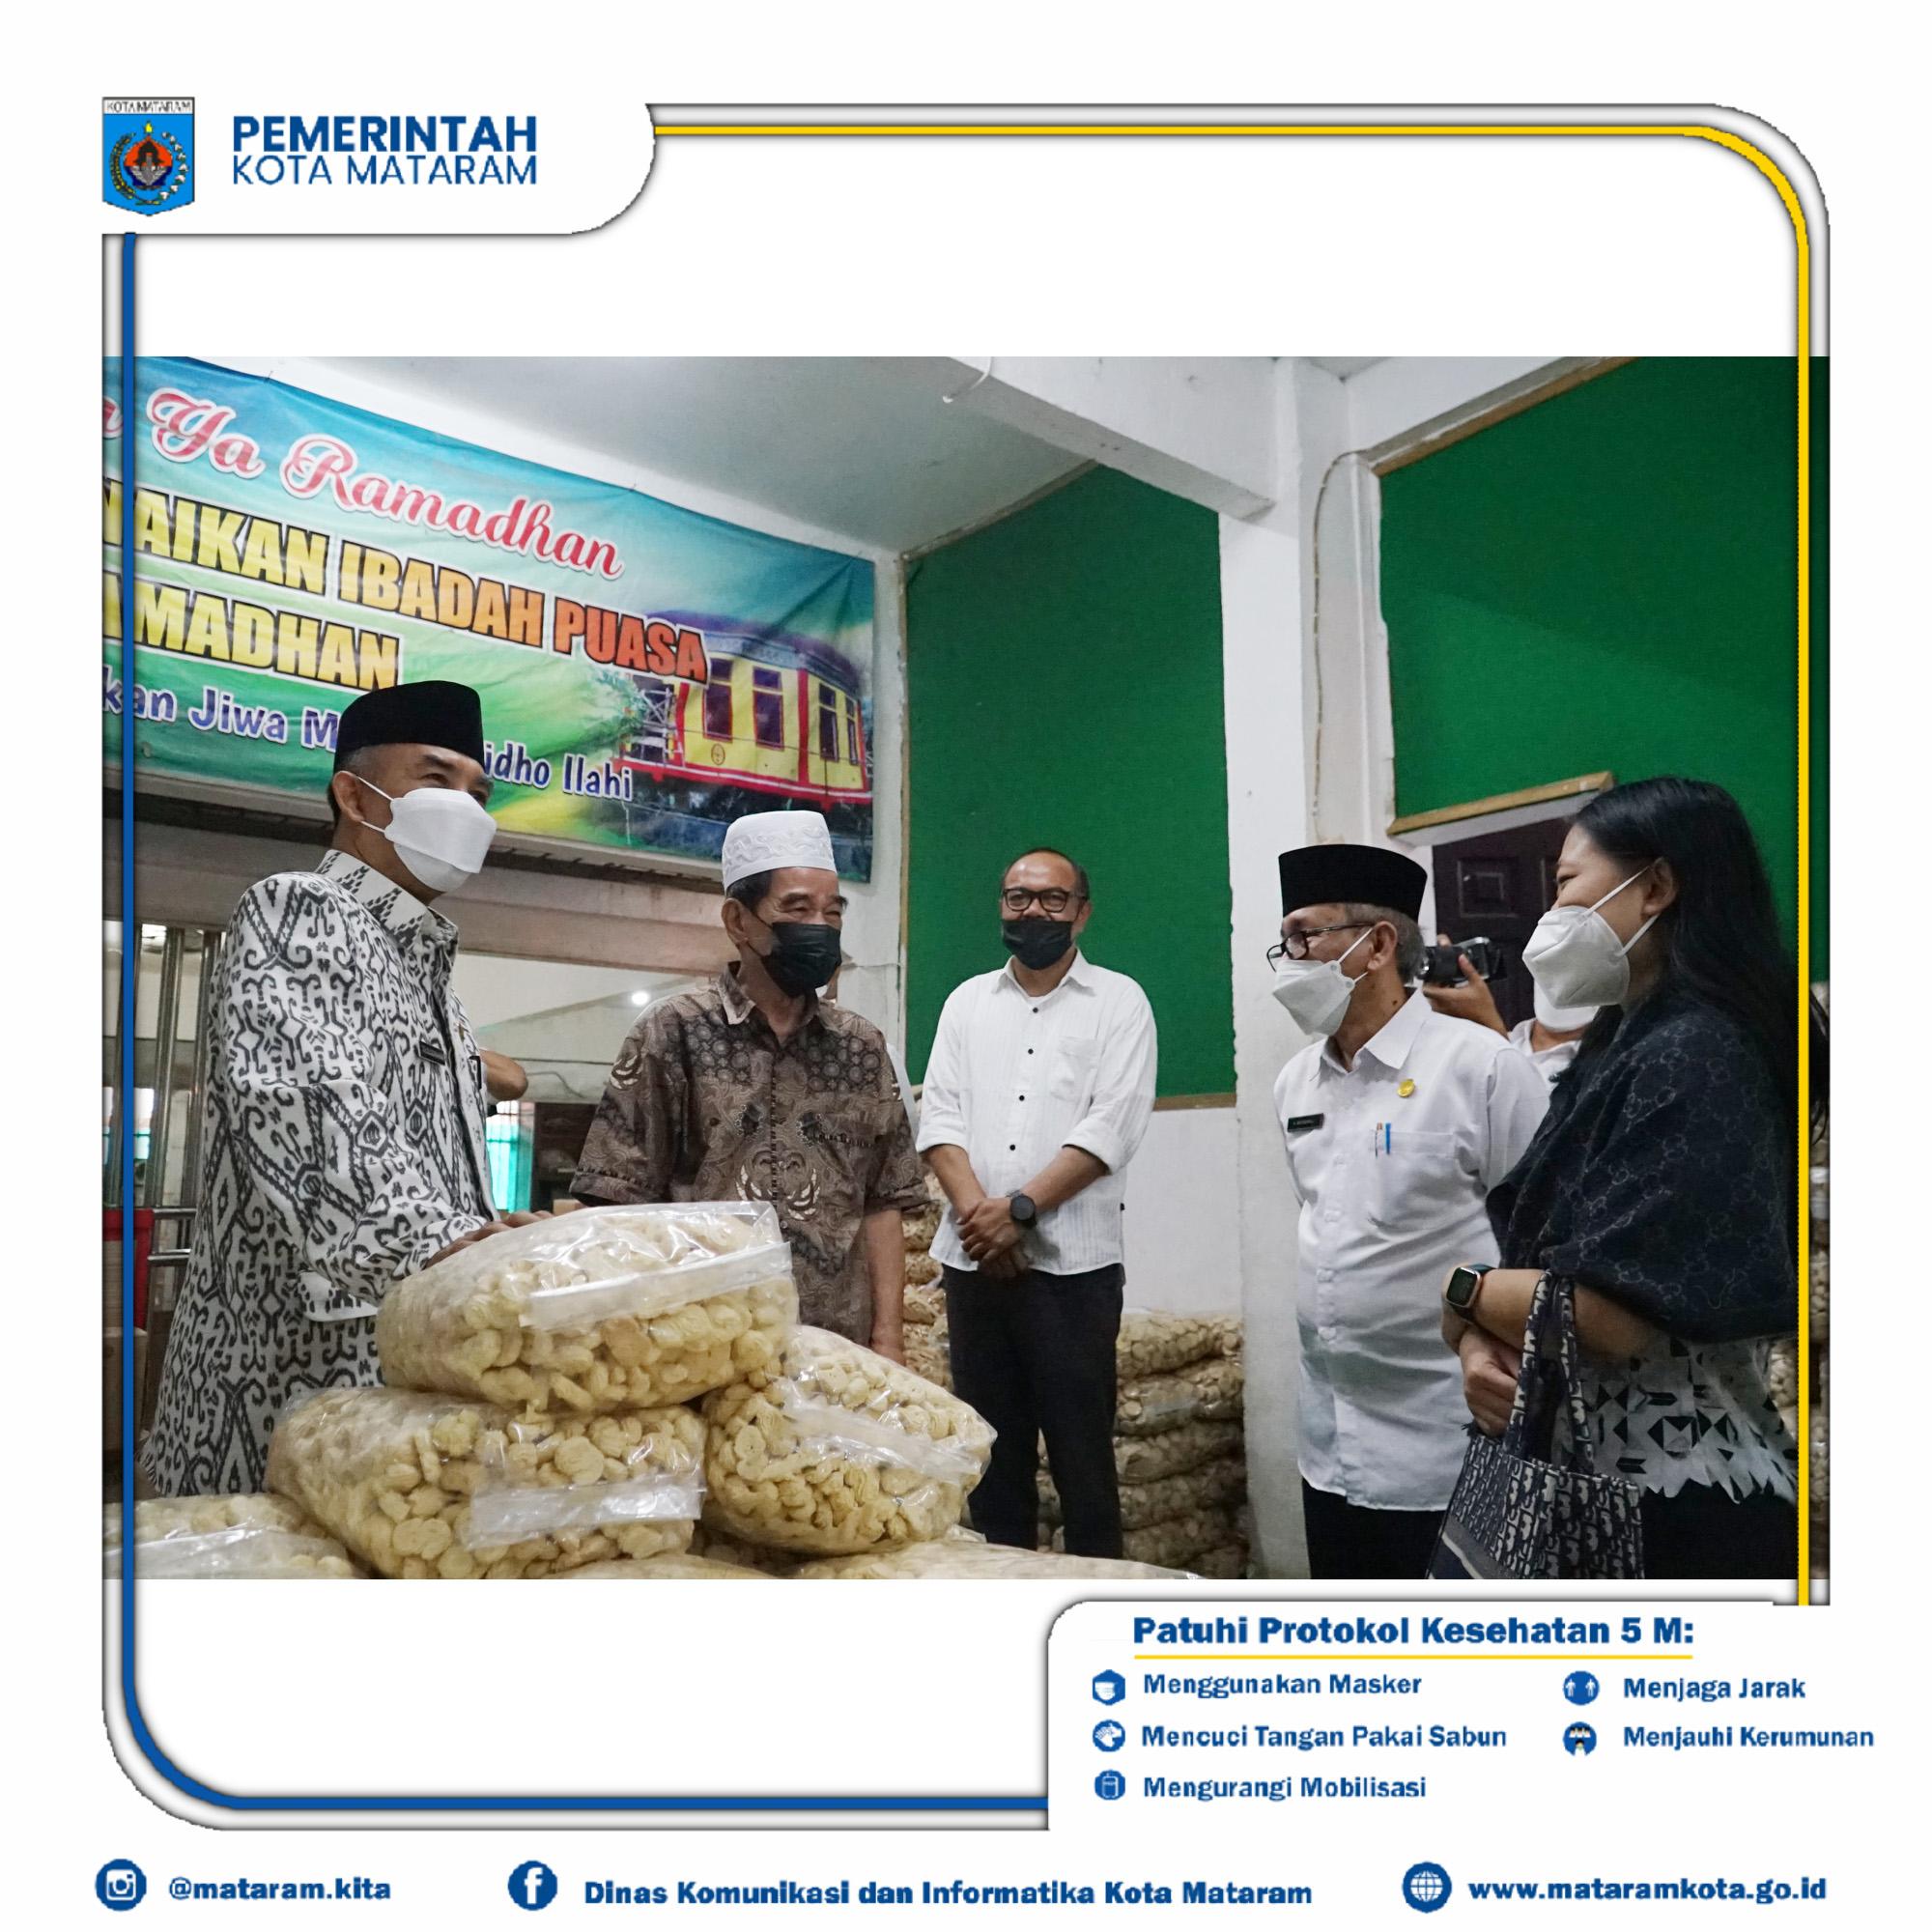 Wakil Wali Kota Mataram TGH. Mujiburrahman Pimpin Rapat Koordinasi Tim Pengendalian Inflasi Daerah Kota Mataram